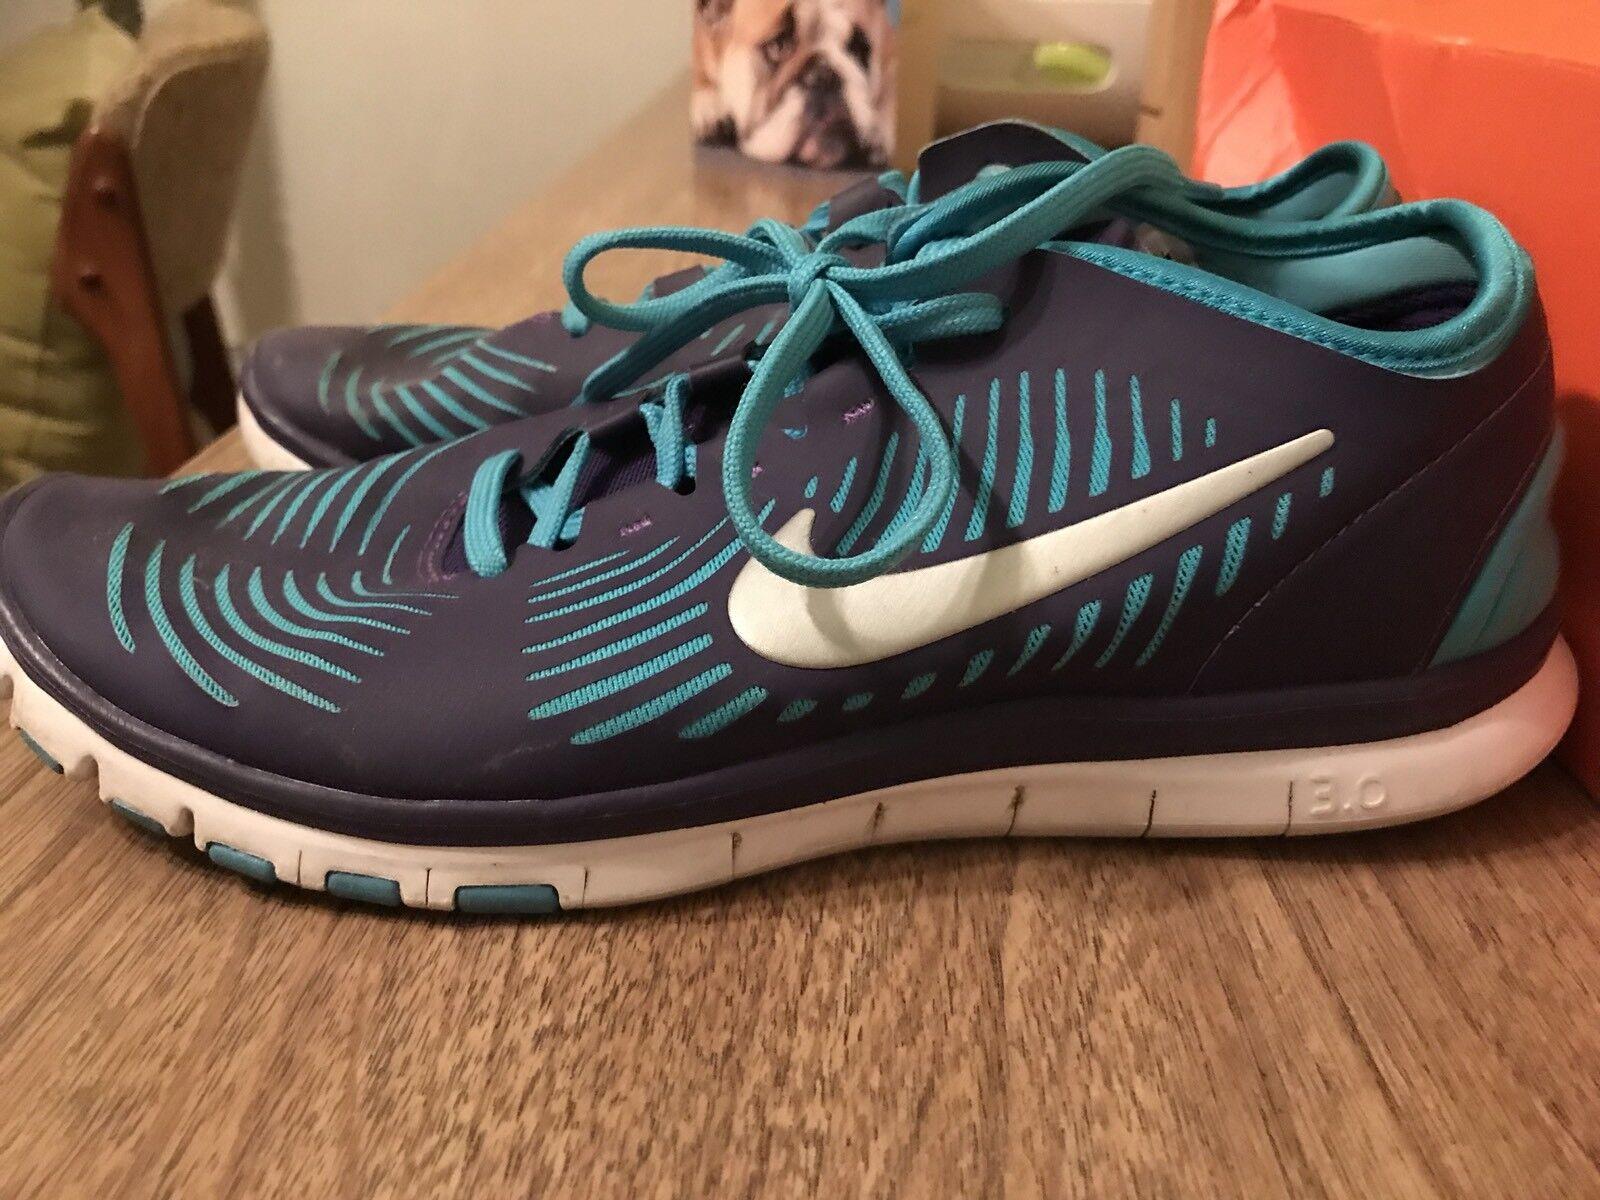 Nike Free 3.0 Balanza Run Shoes EX COND Purple Blue Aqua Turquoise Women's 8